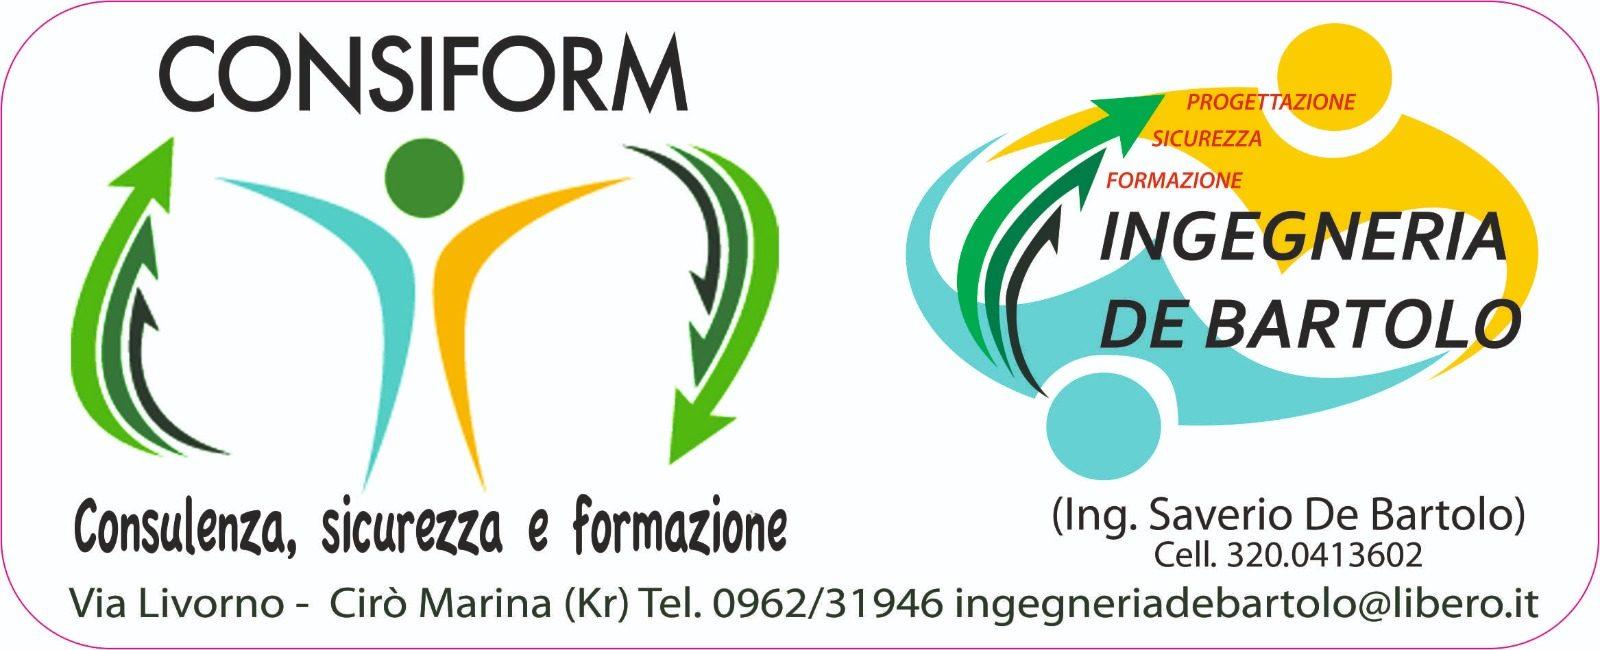 ConSiForm – Ingegneria De Bartolo